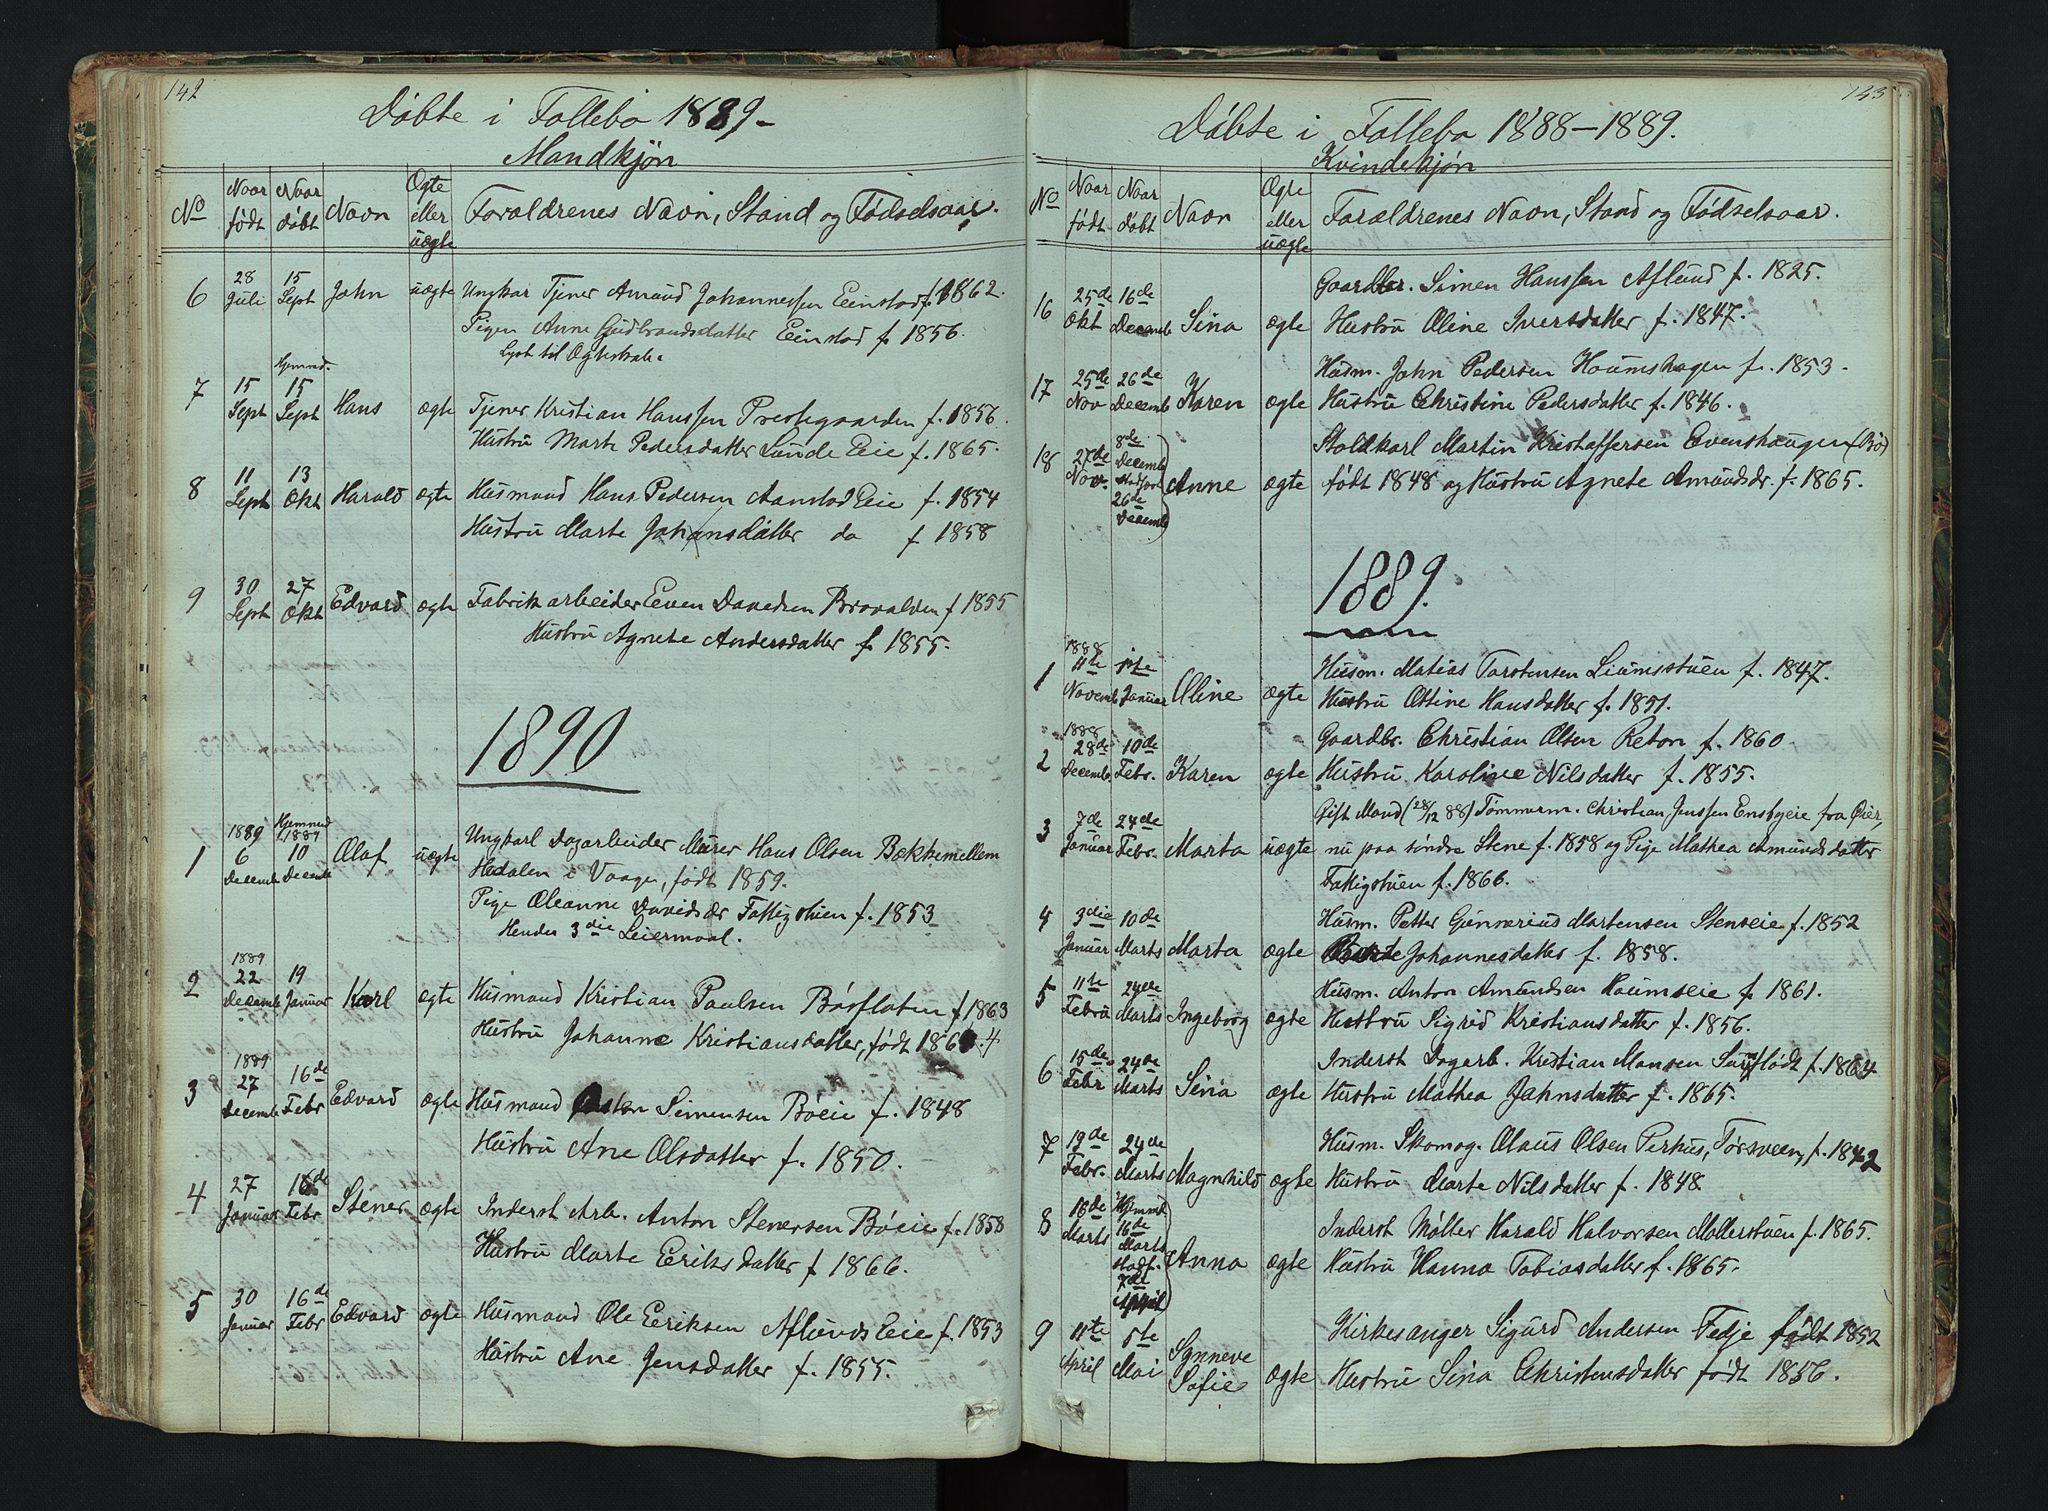 SAH, Gausdal prestekontor, Klokkerbok nr. 6, 1846-1893, s. 142-143